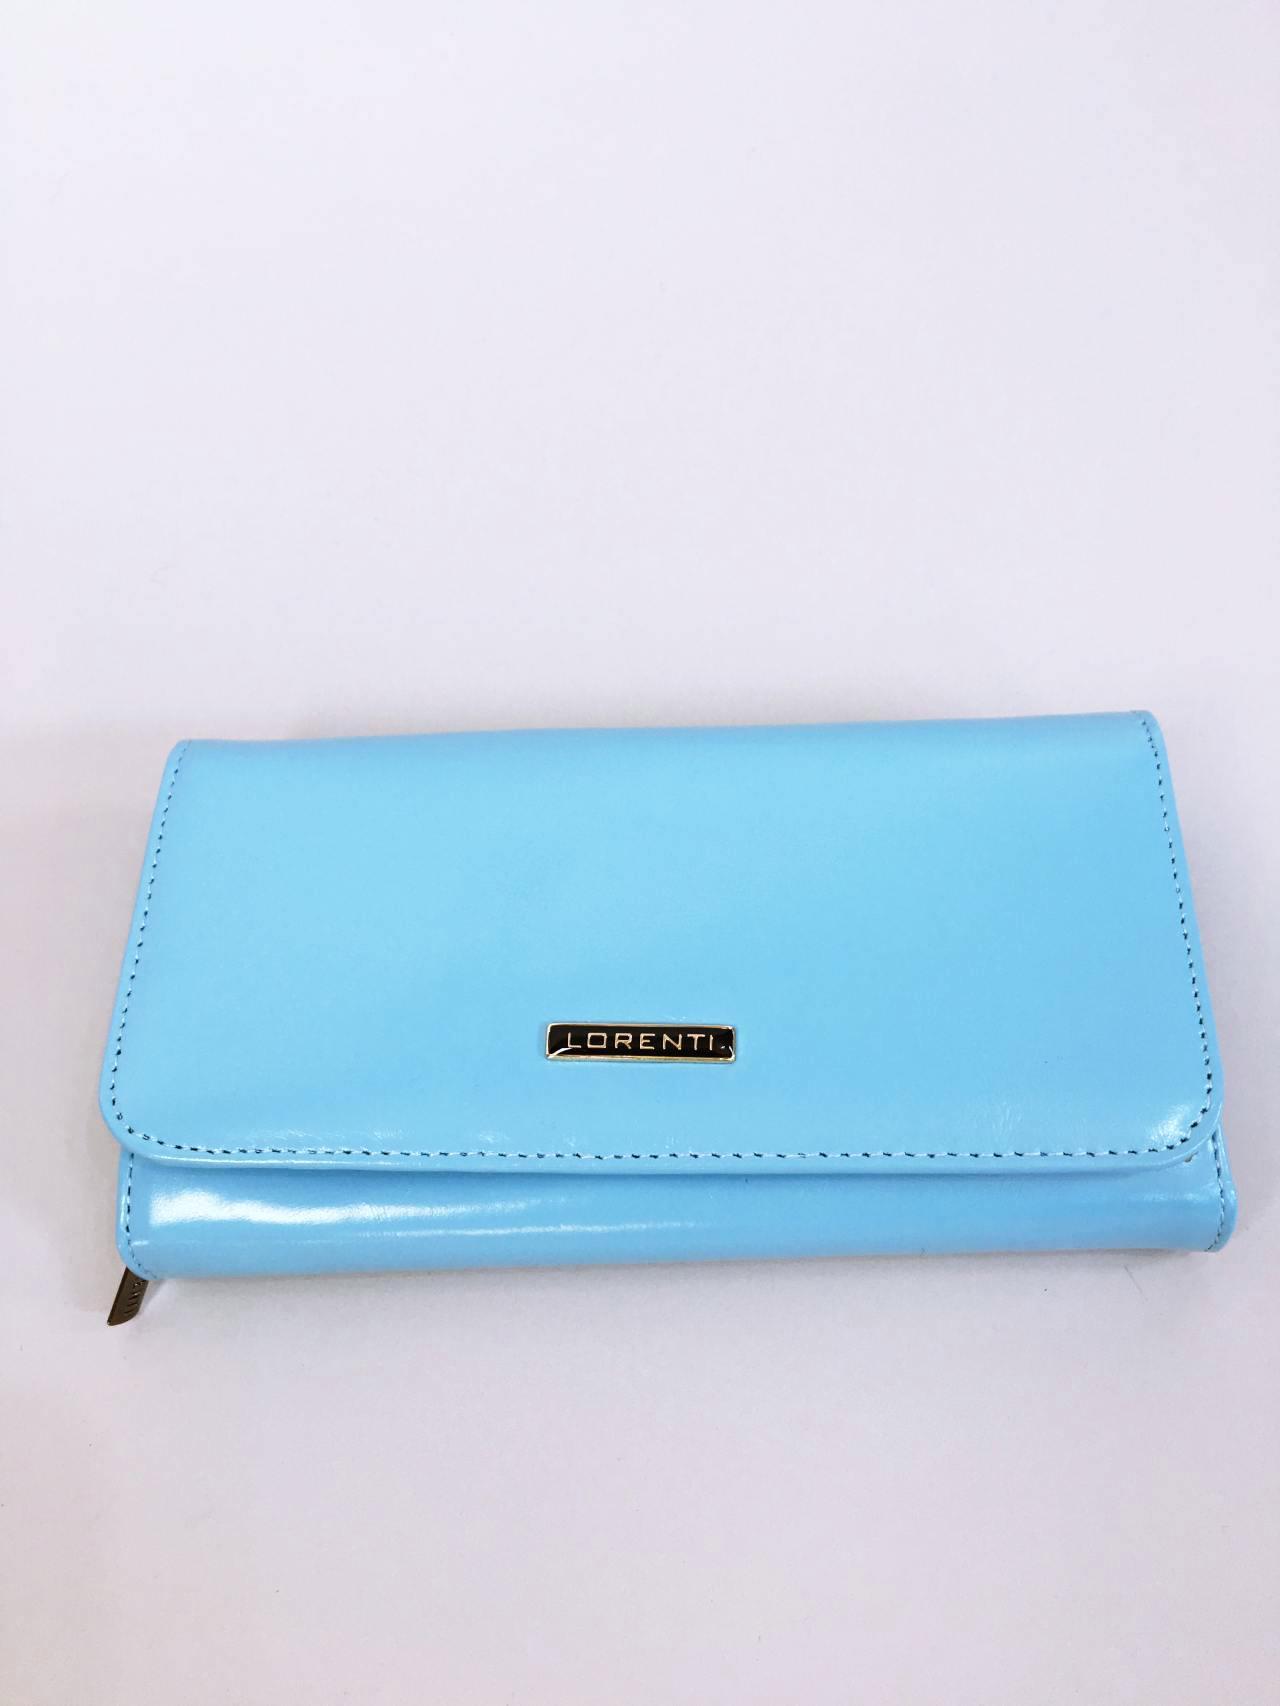 Kožená peněženka Lorenti světle modrá 01